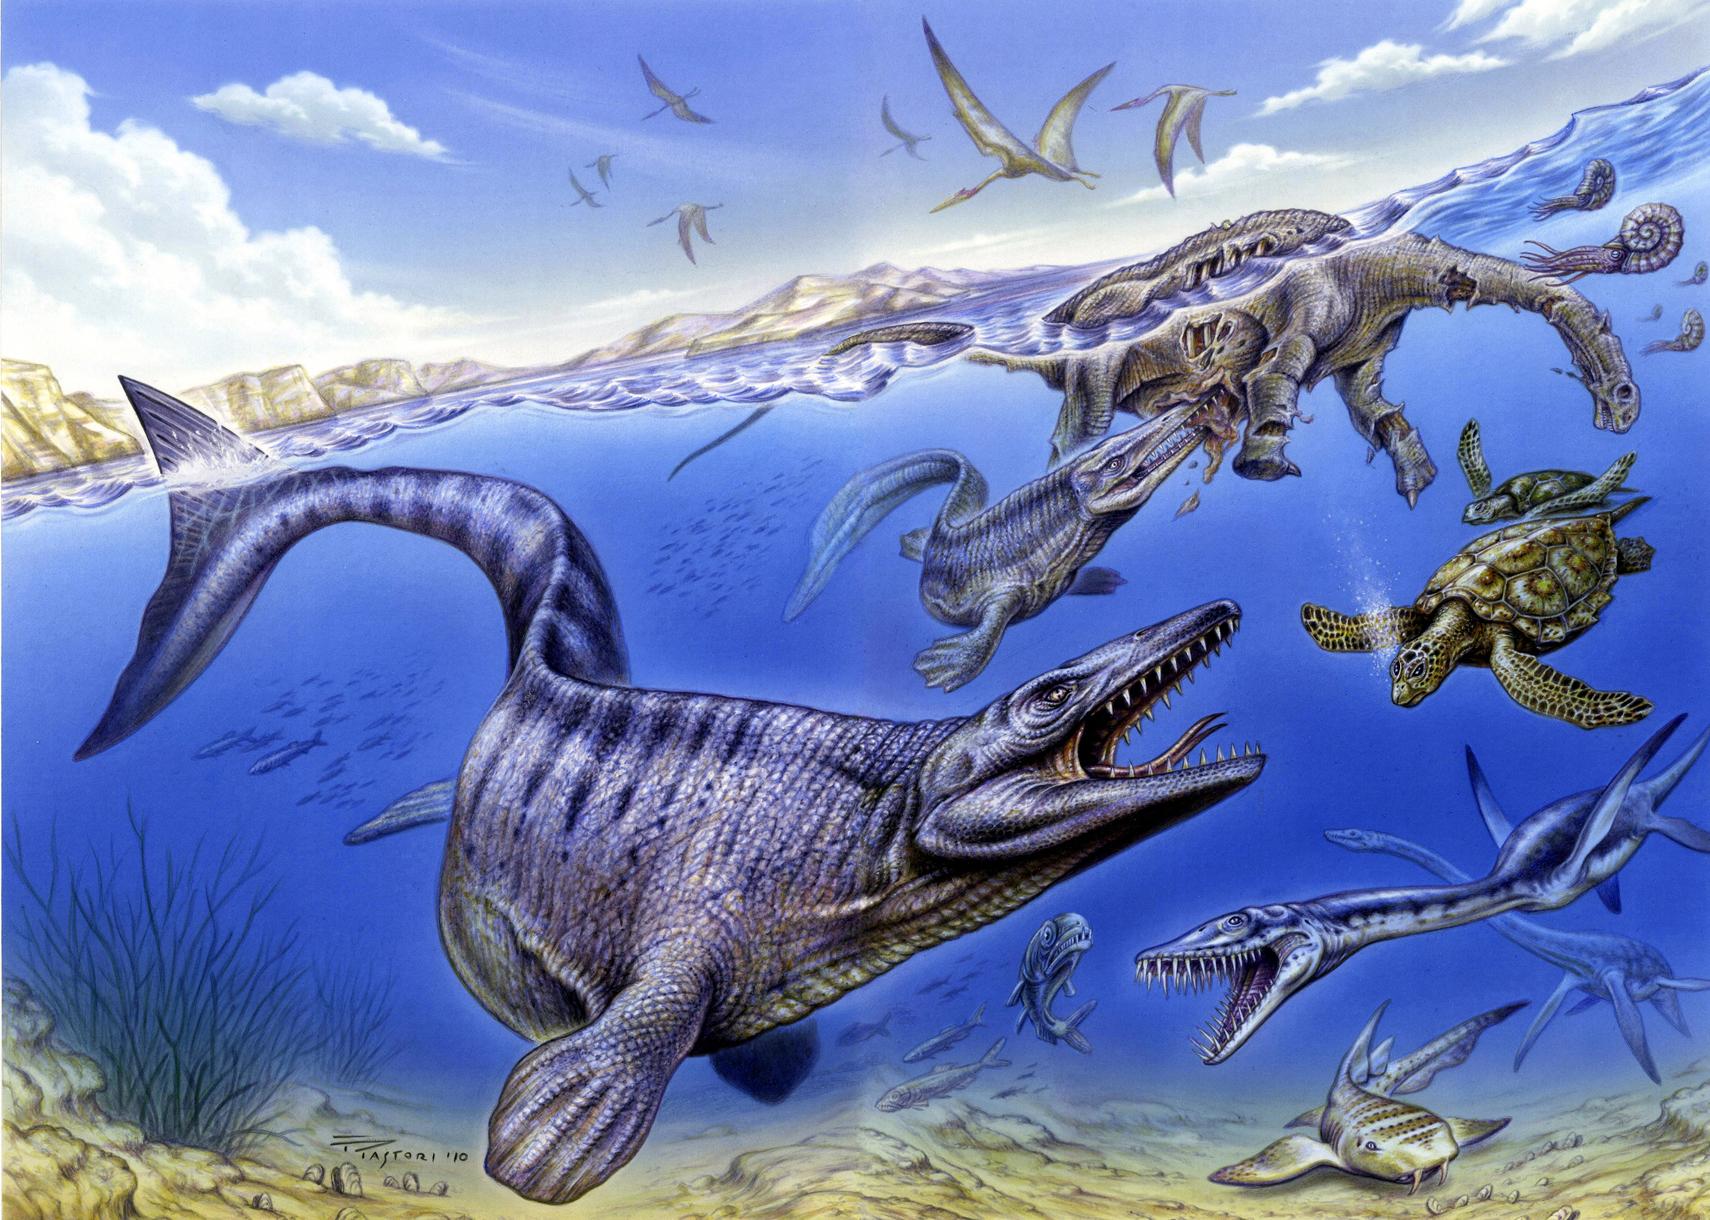 даже хорошее картинки про древних морских животных как можно полюбоваться